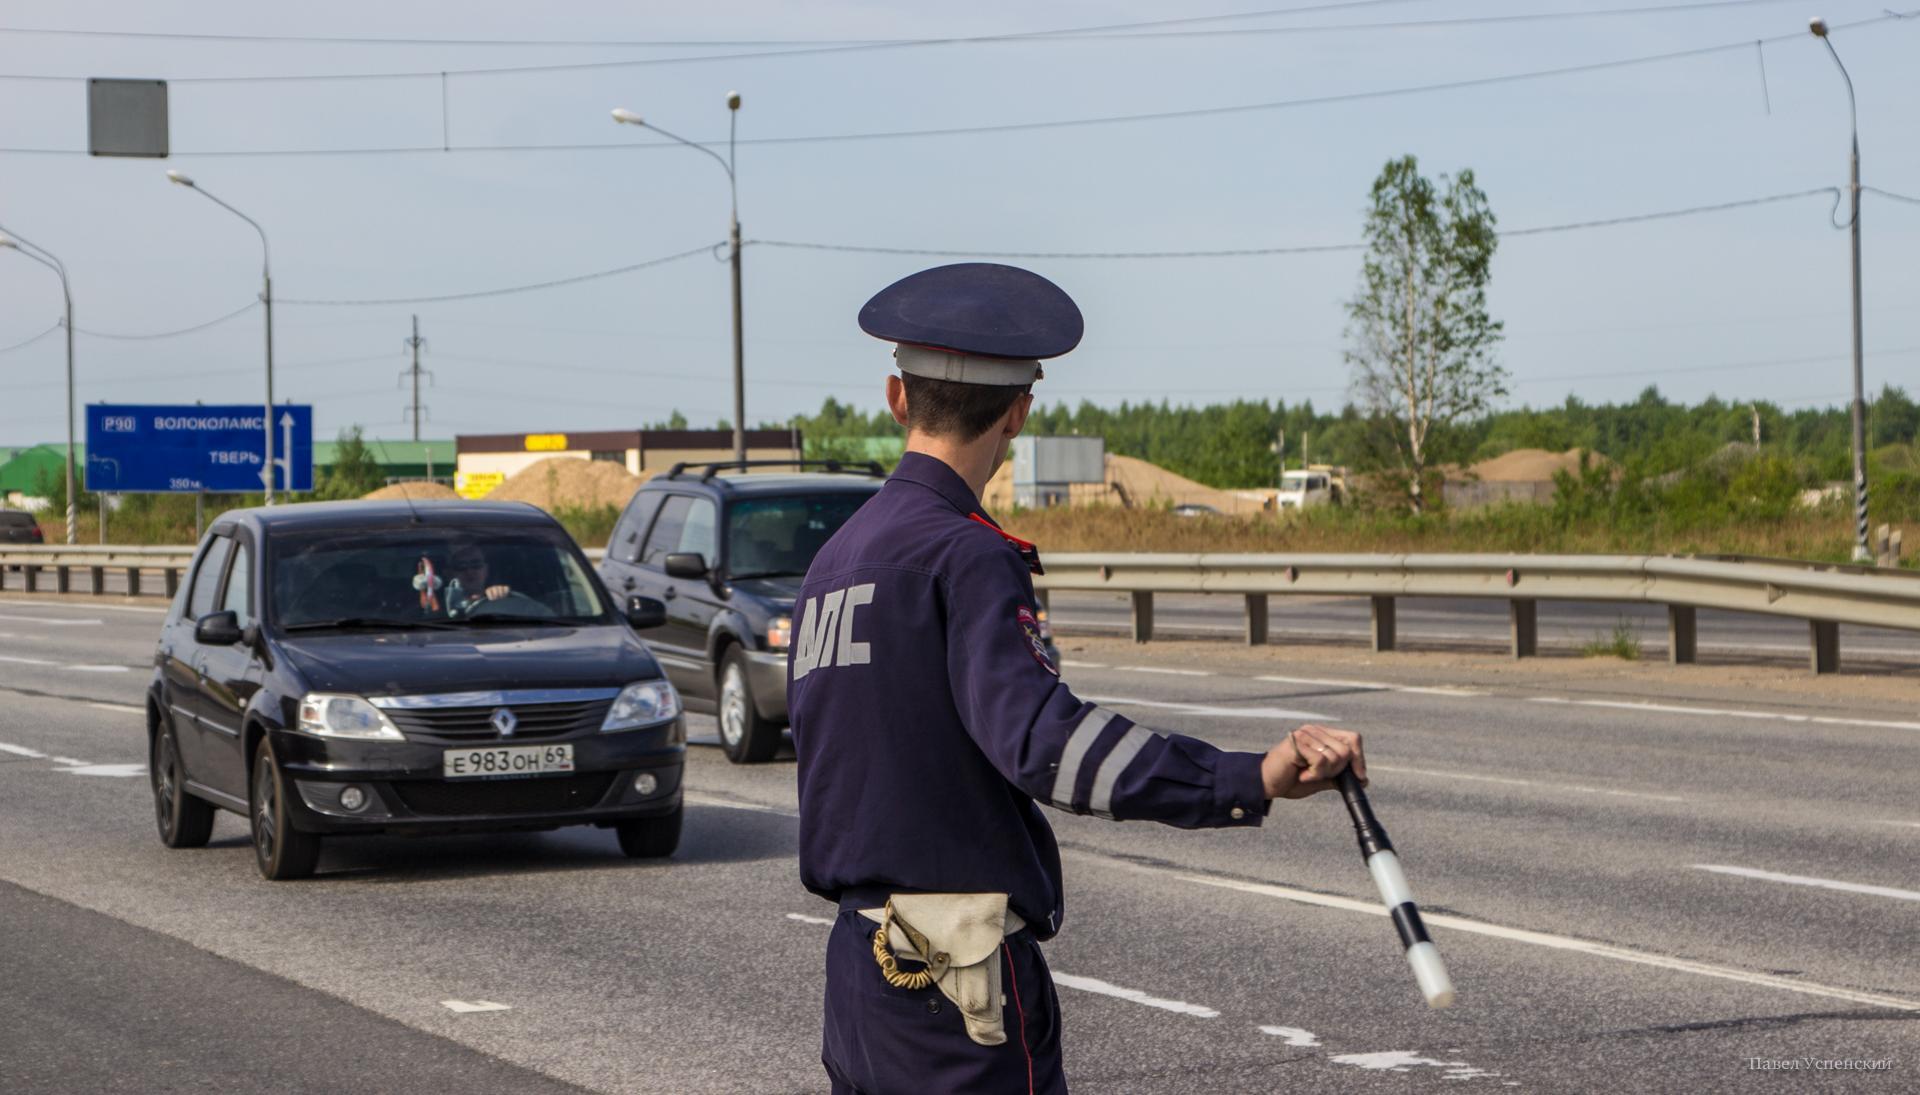 Пьяная 18-летняя девушка перевернулась на машине в Тверской области - новости Афанасий